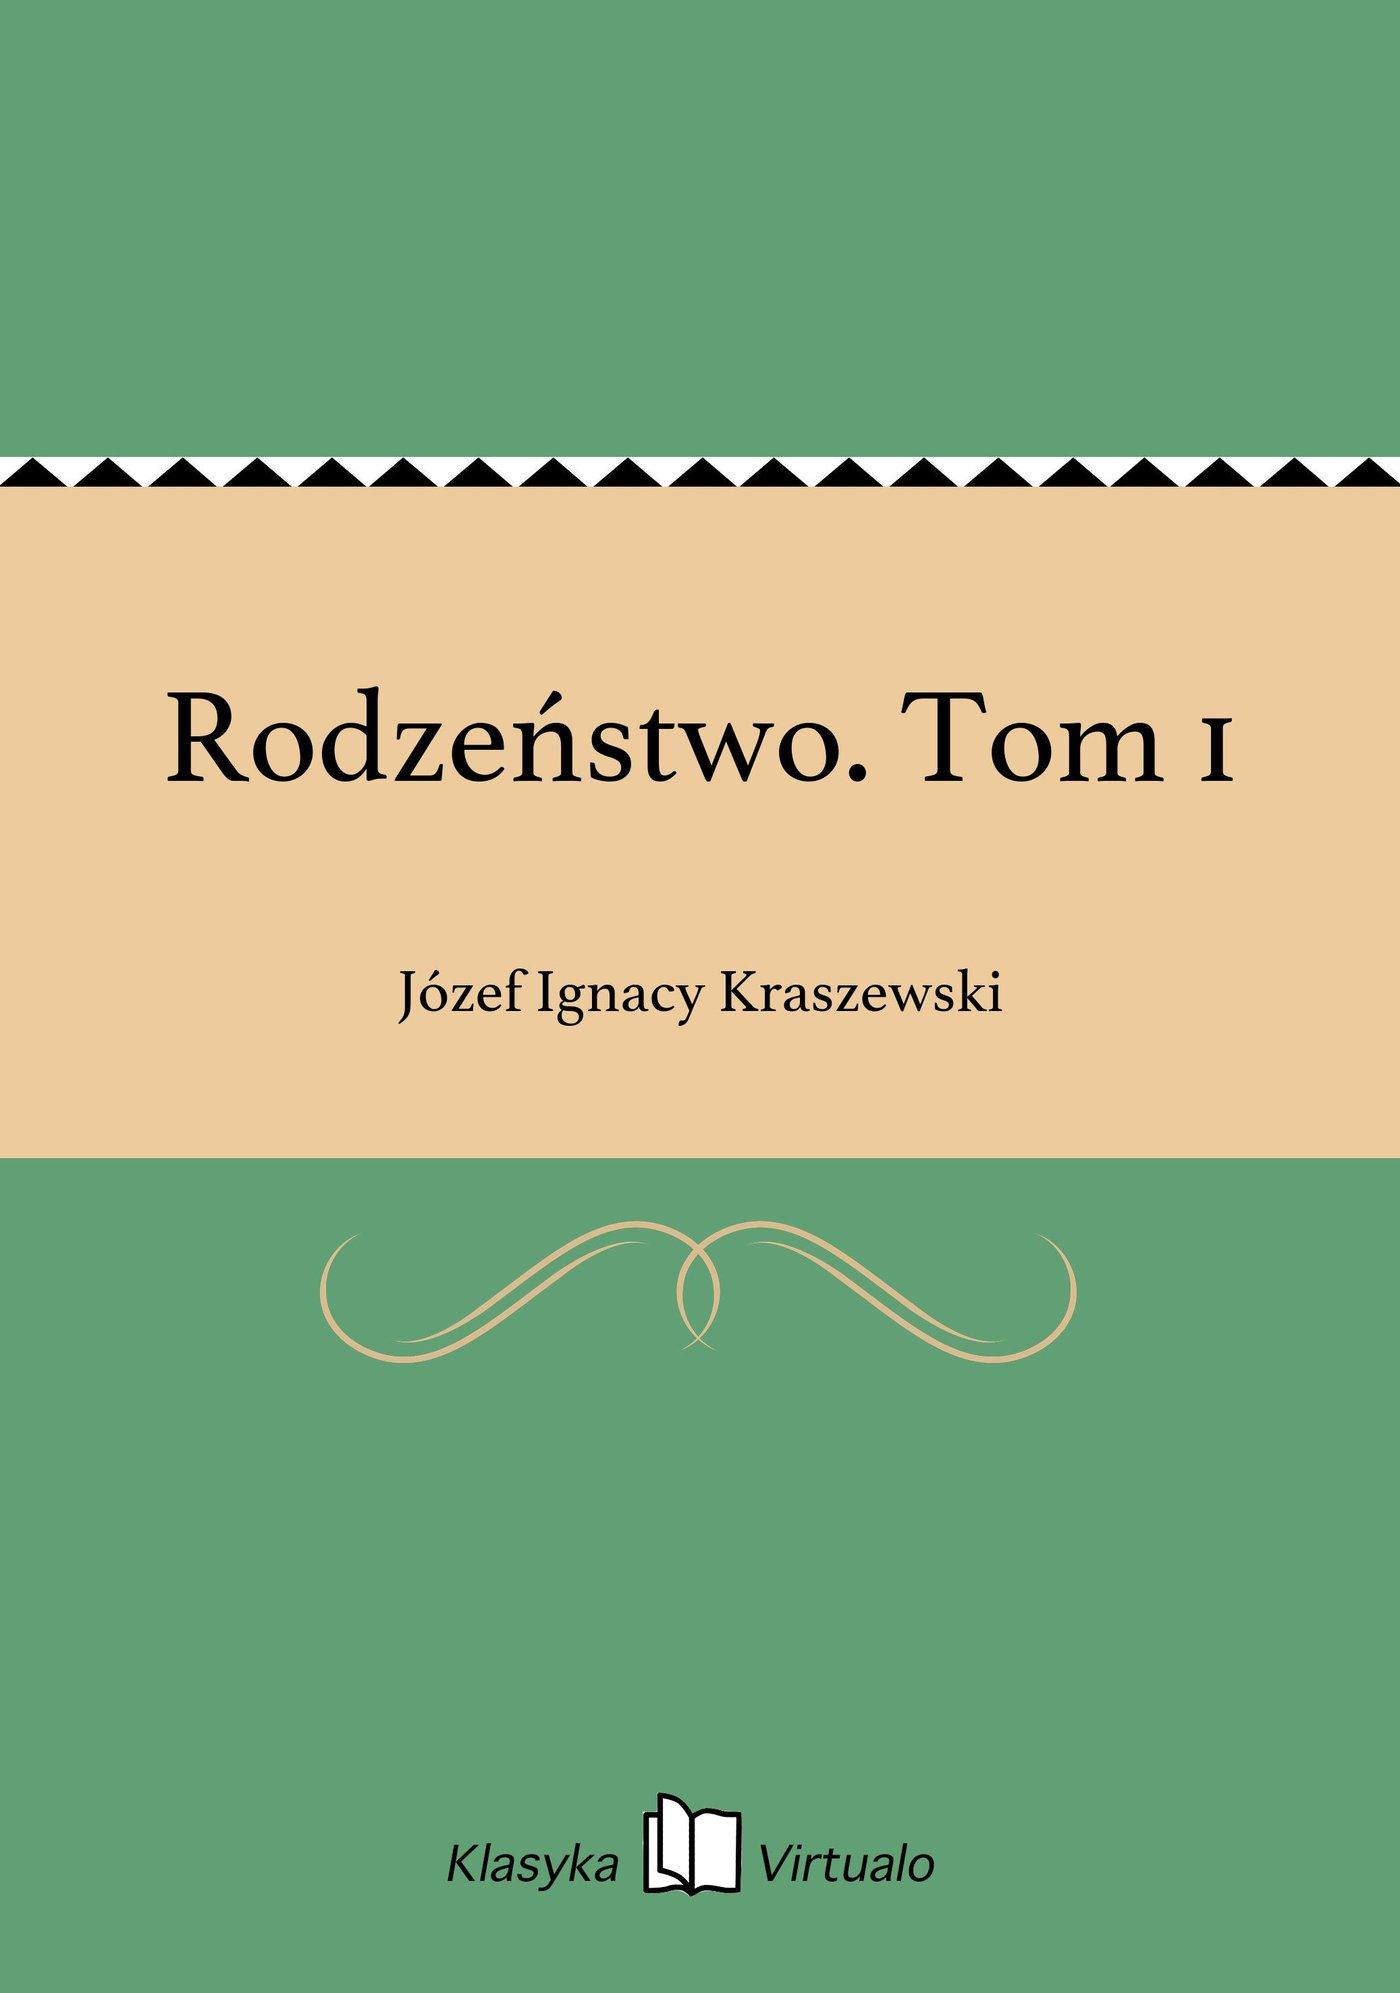 Rodzeństwo. Tom 1 - Ebook (Książka na Kindle) do pobrania w formacie MOBI